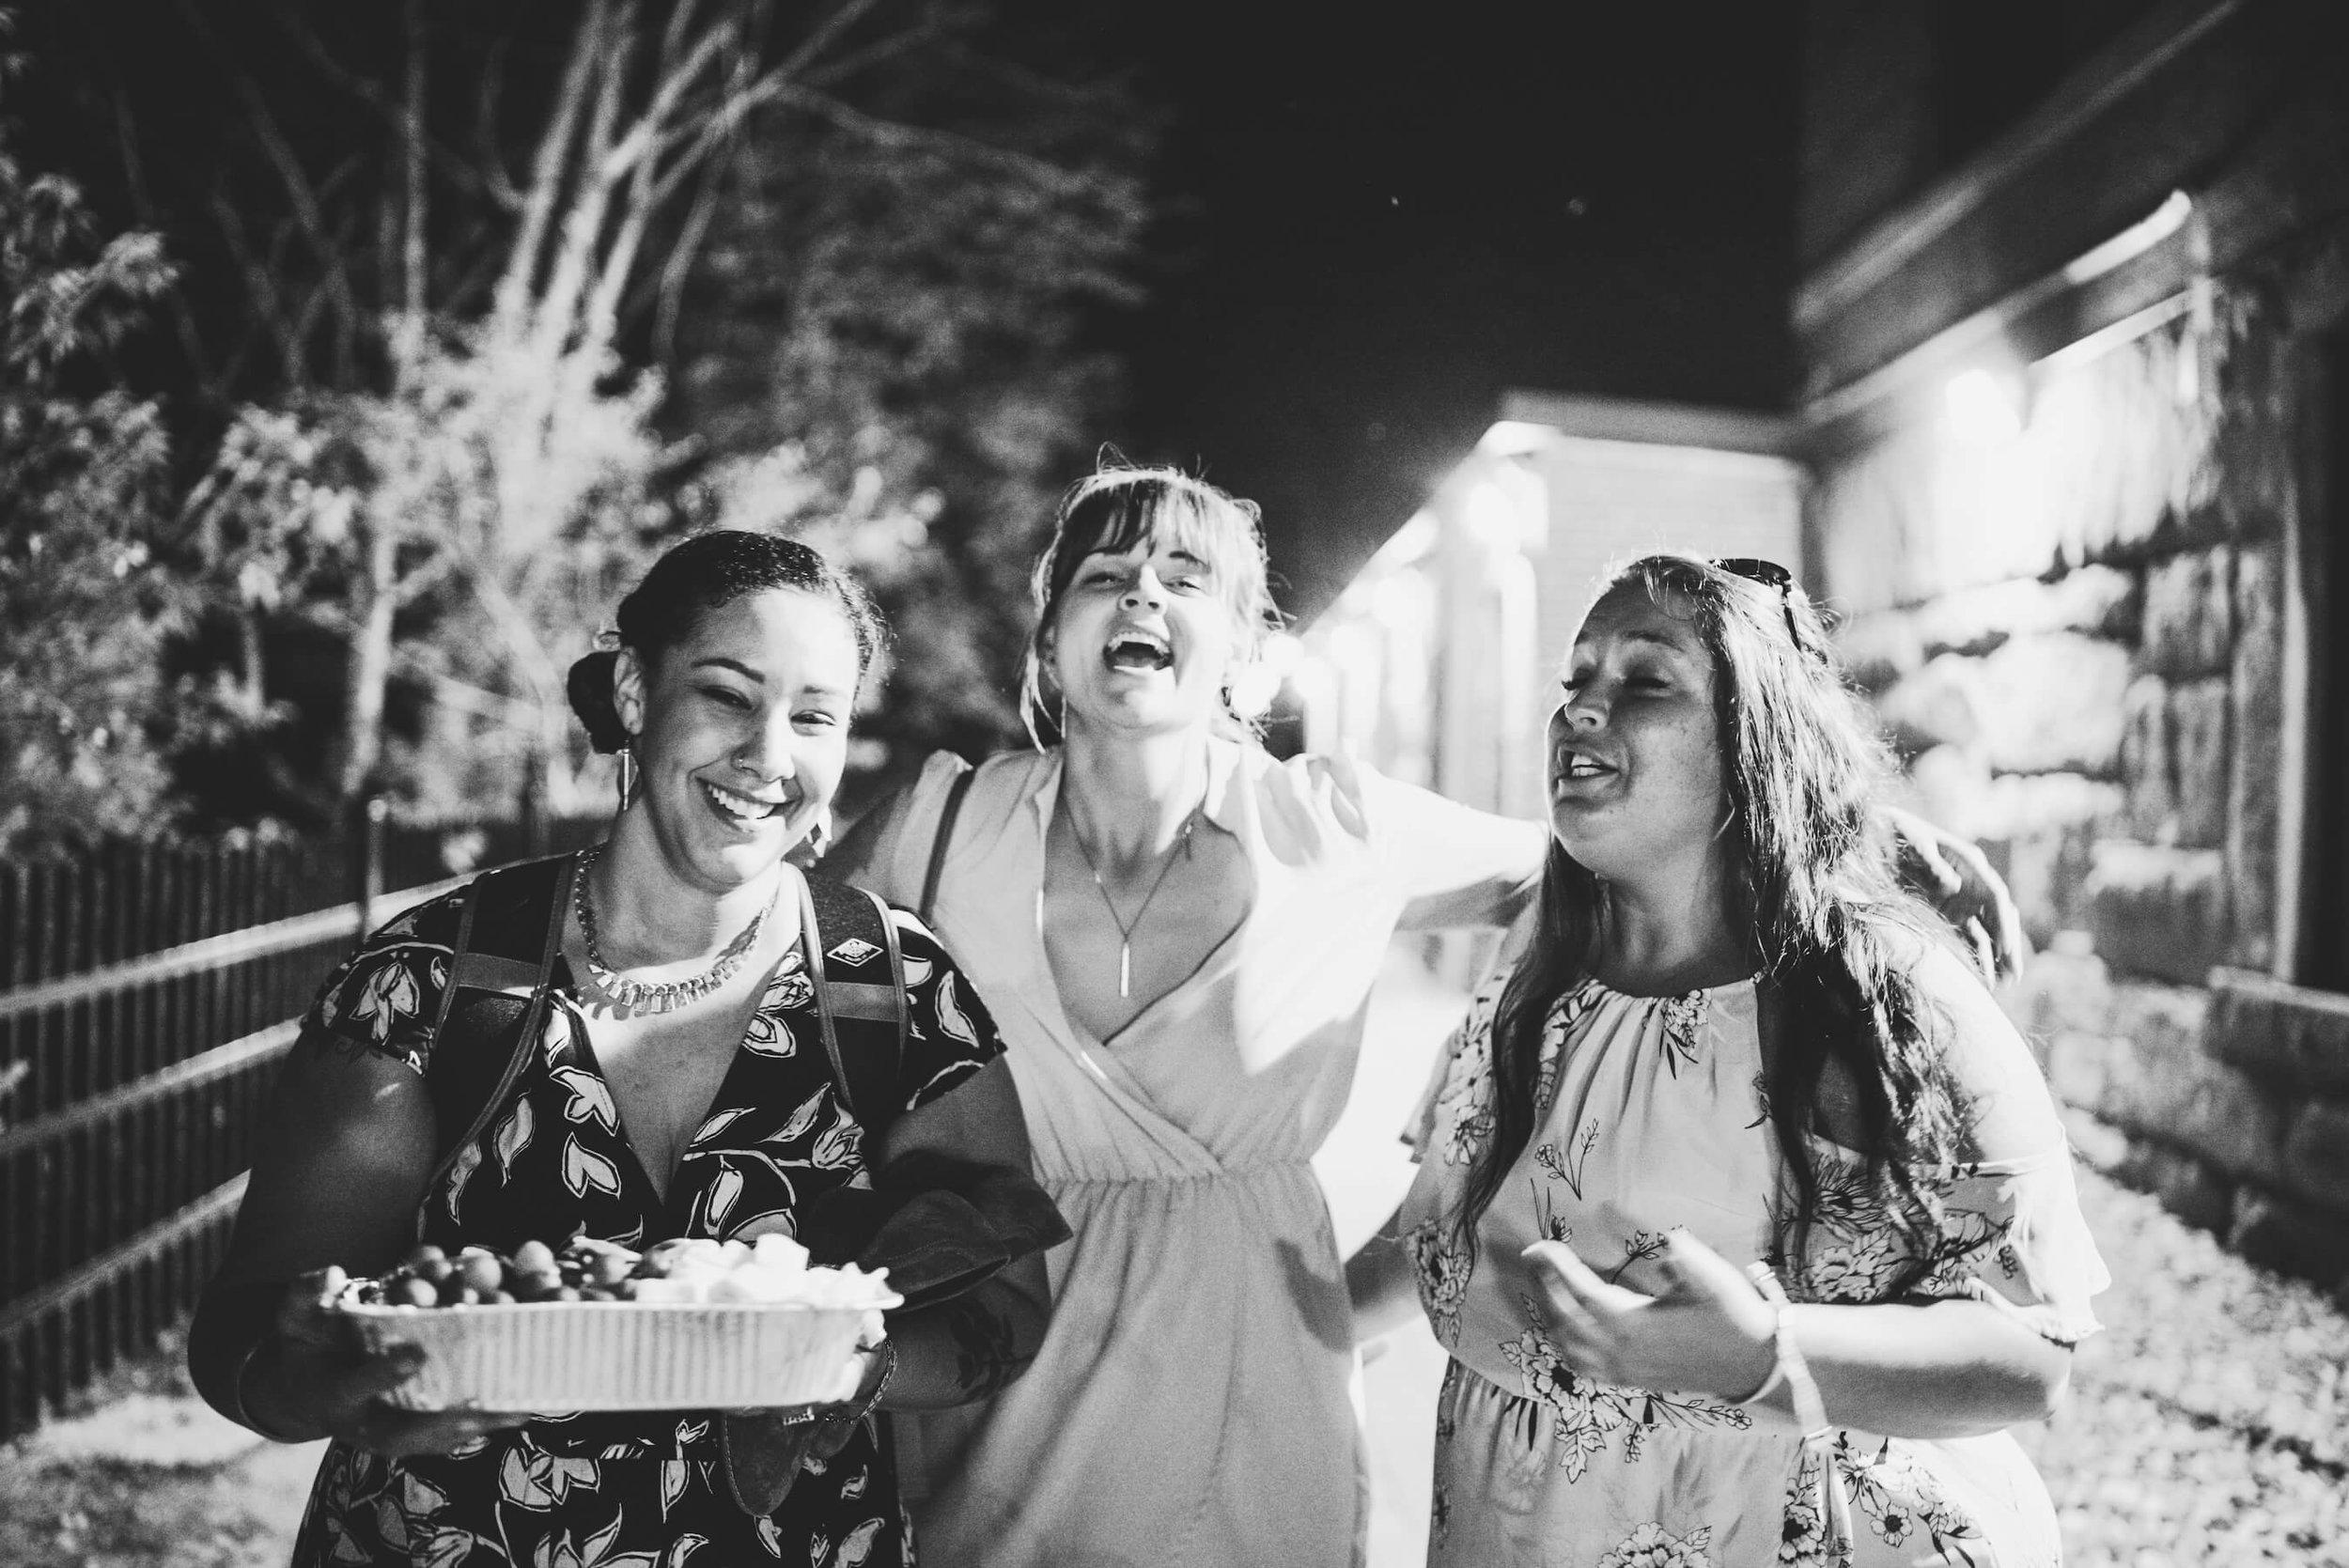 engle-olson-jimmy-kenda-wedding-trip-2018-12.jpg